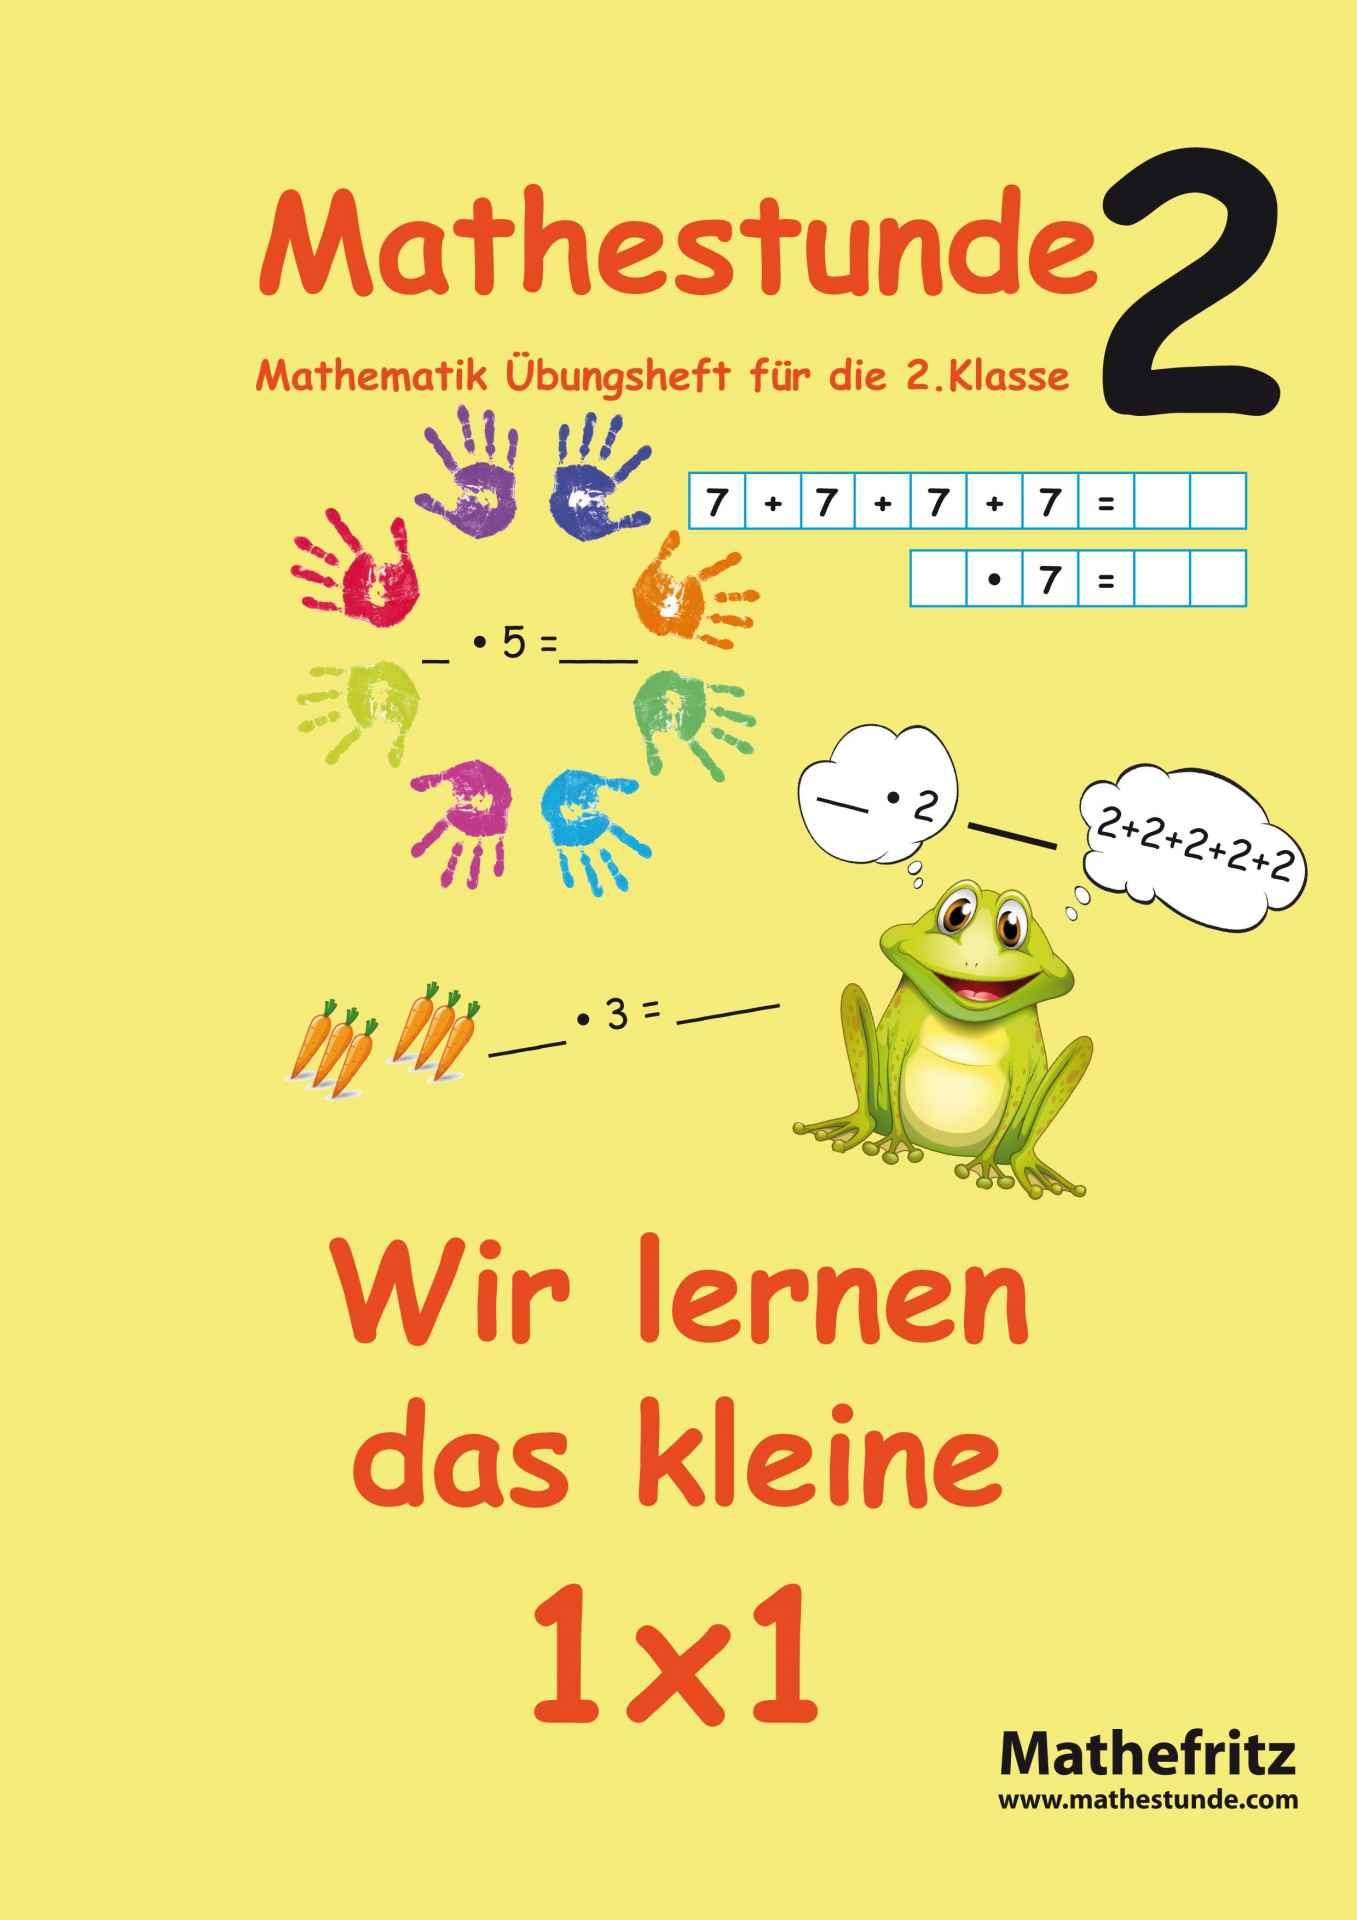 1x1 Aufgaben Einmaleins Übungsblätter von Mathefritz